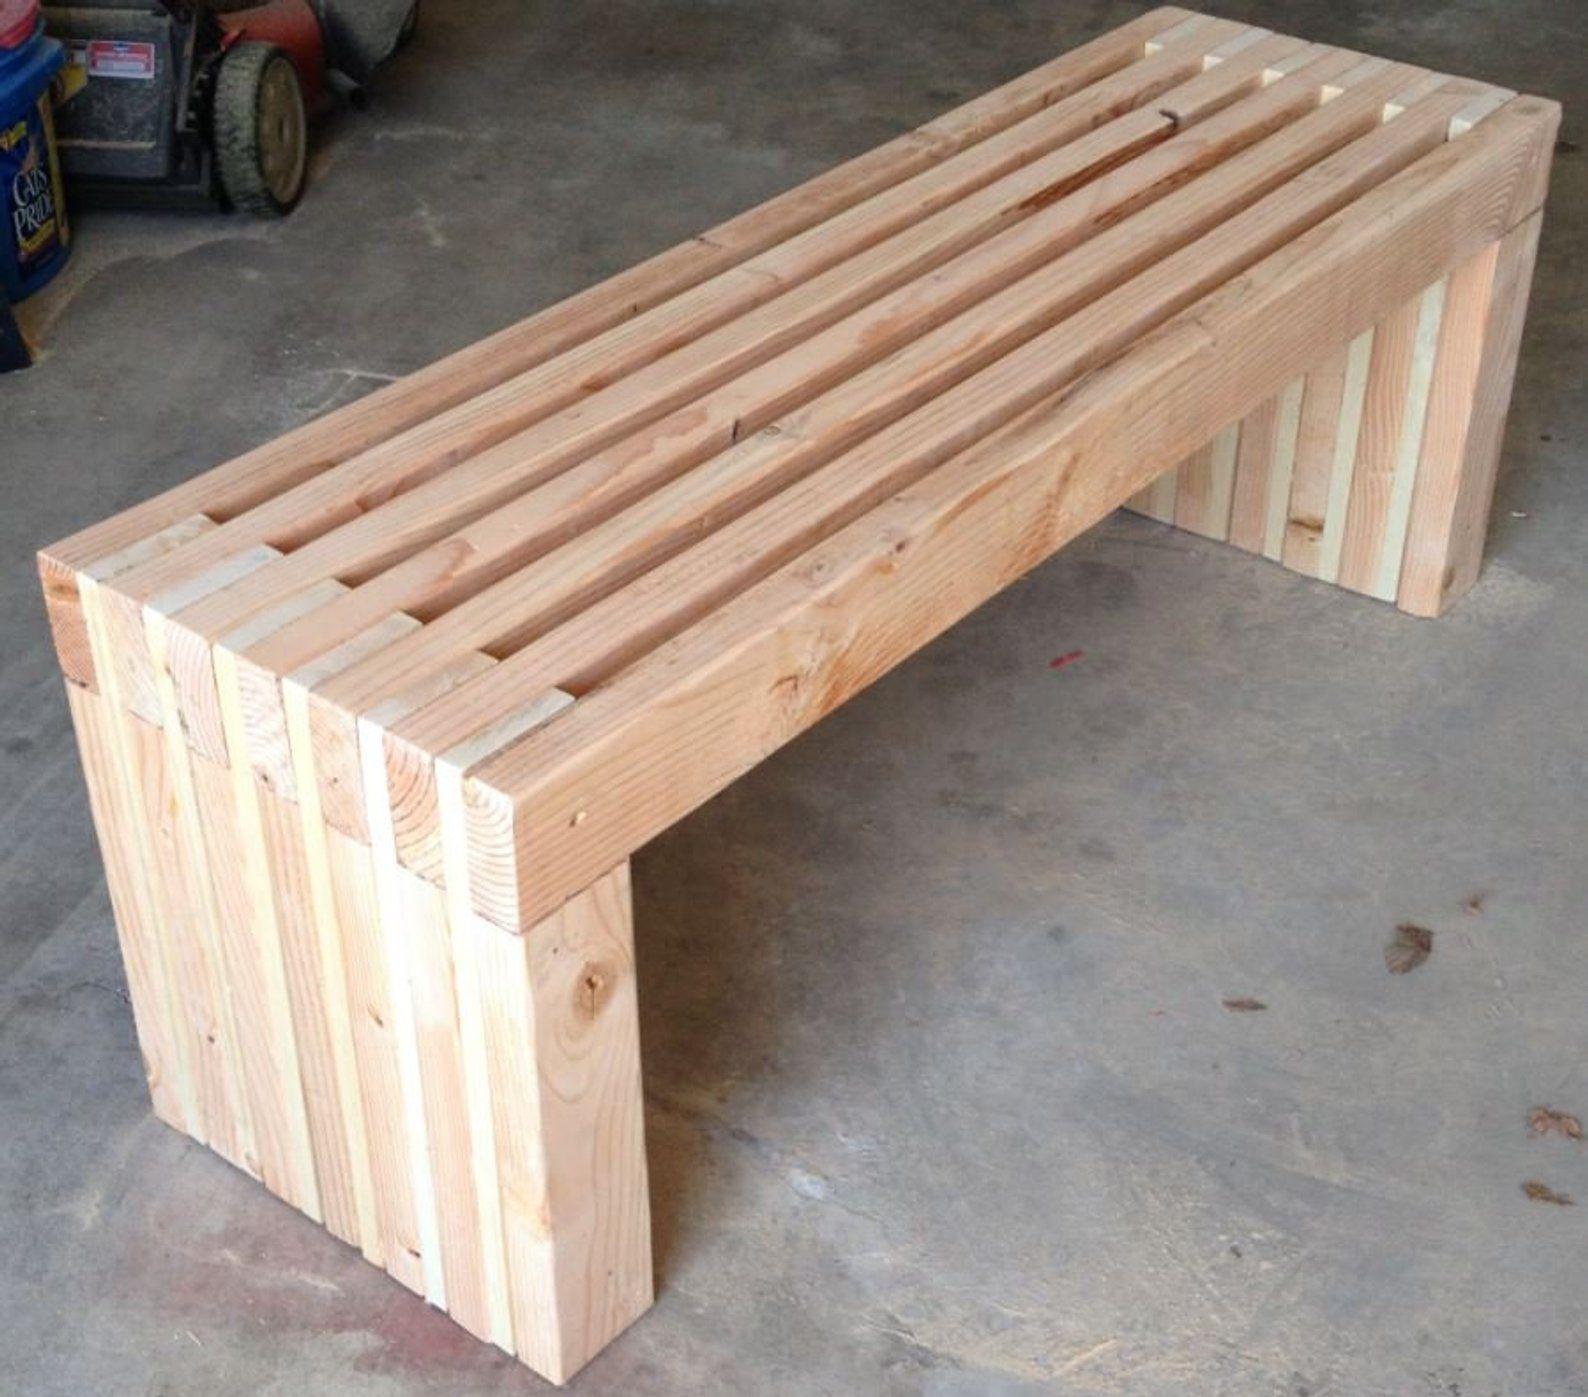 PLANS for 72 long Park Bench DIY 2x4 wood design Patio